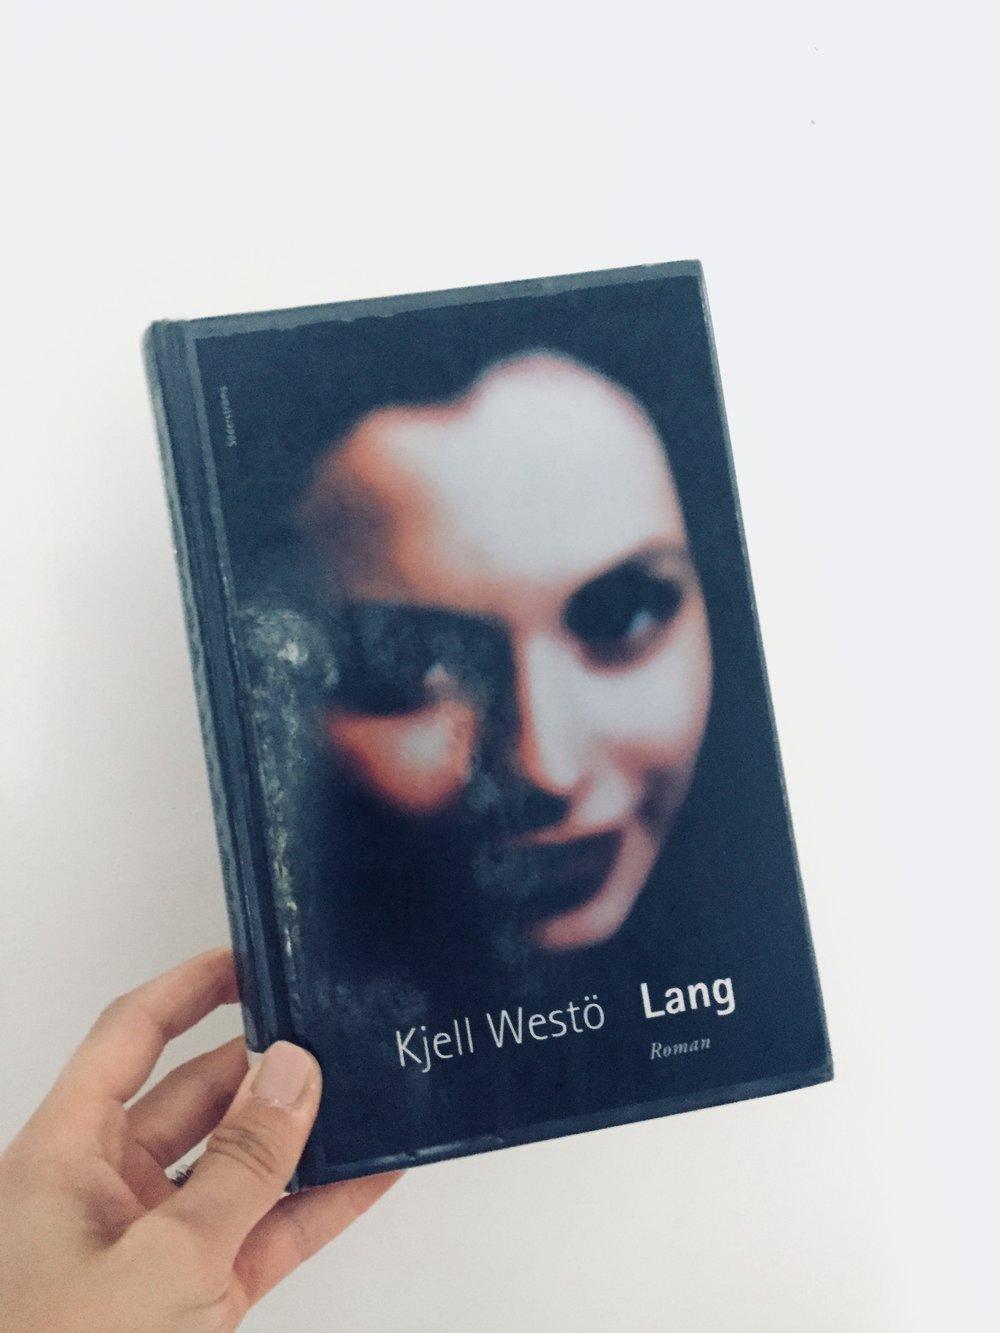 Nej det är inte suddkvalitet, så här ser boken ut. Säkert snyggt när det begav sig för 16 år sedan.